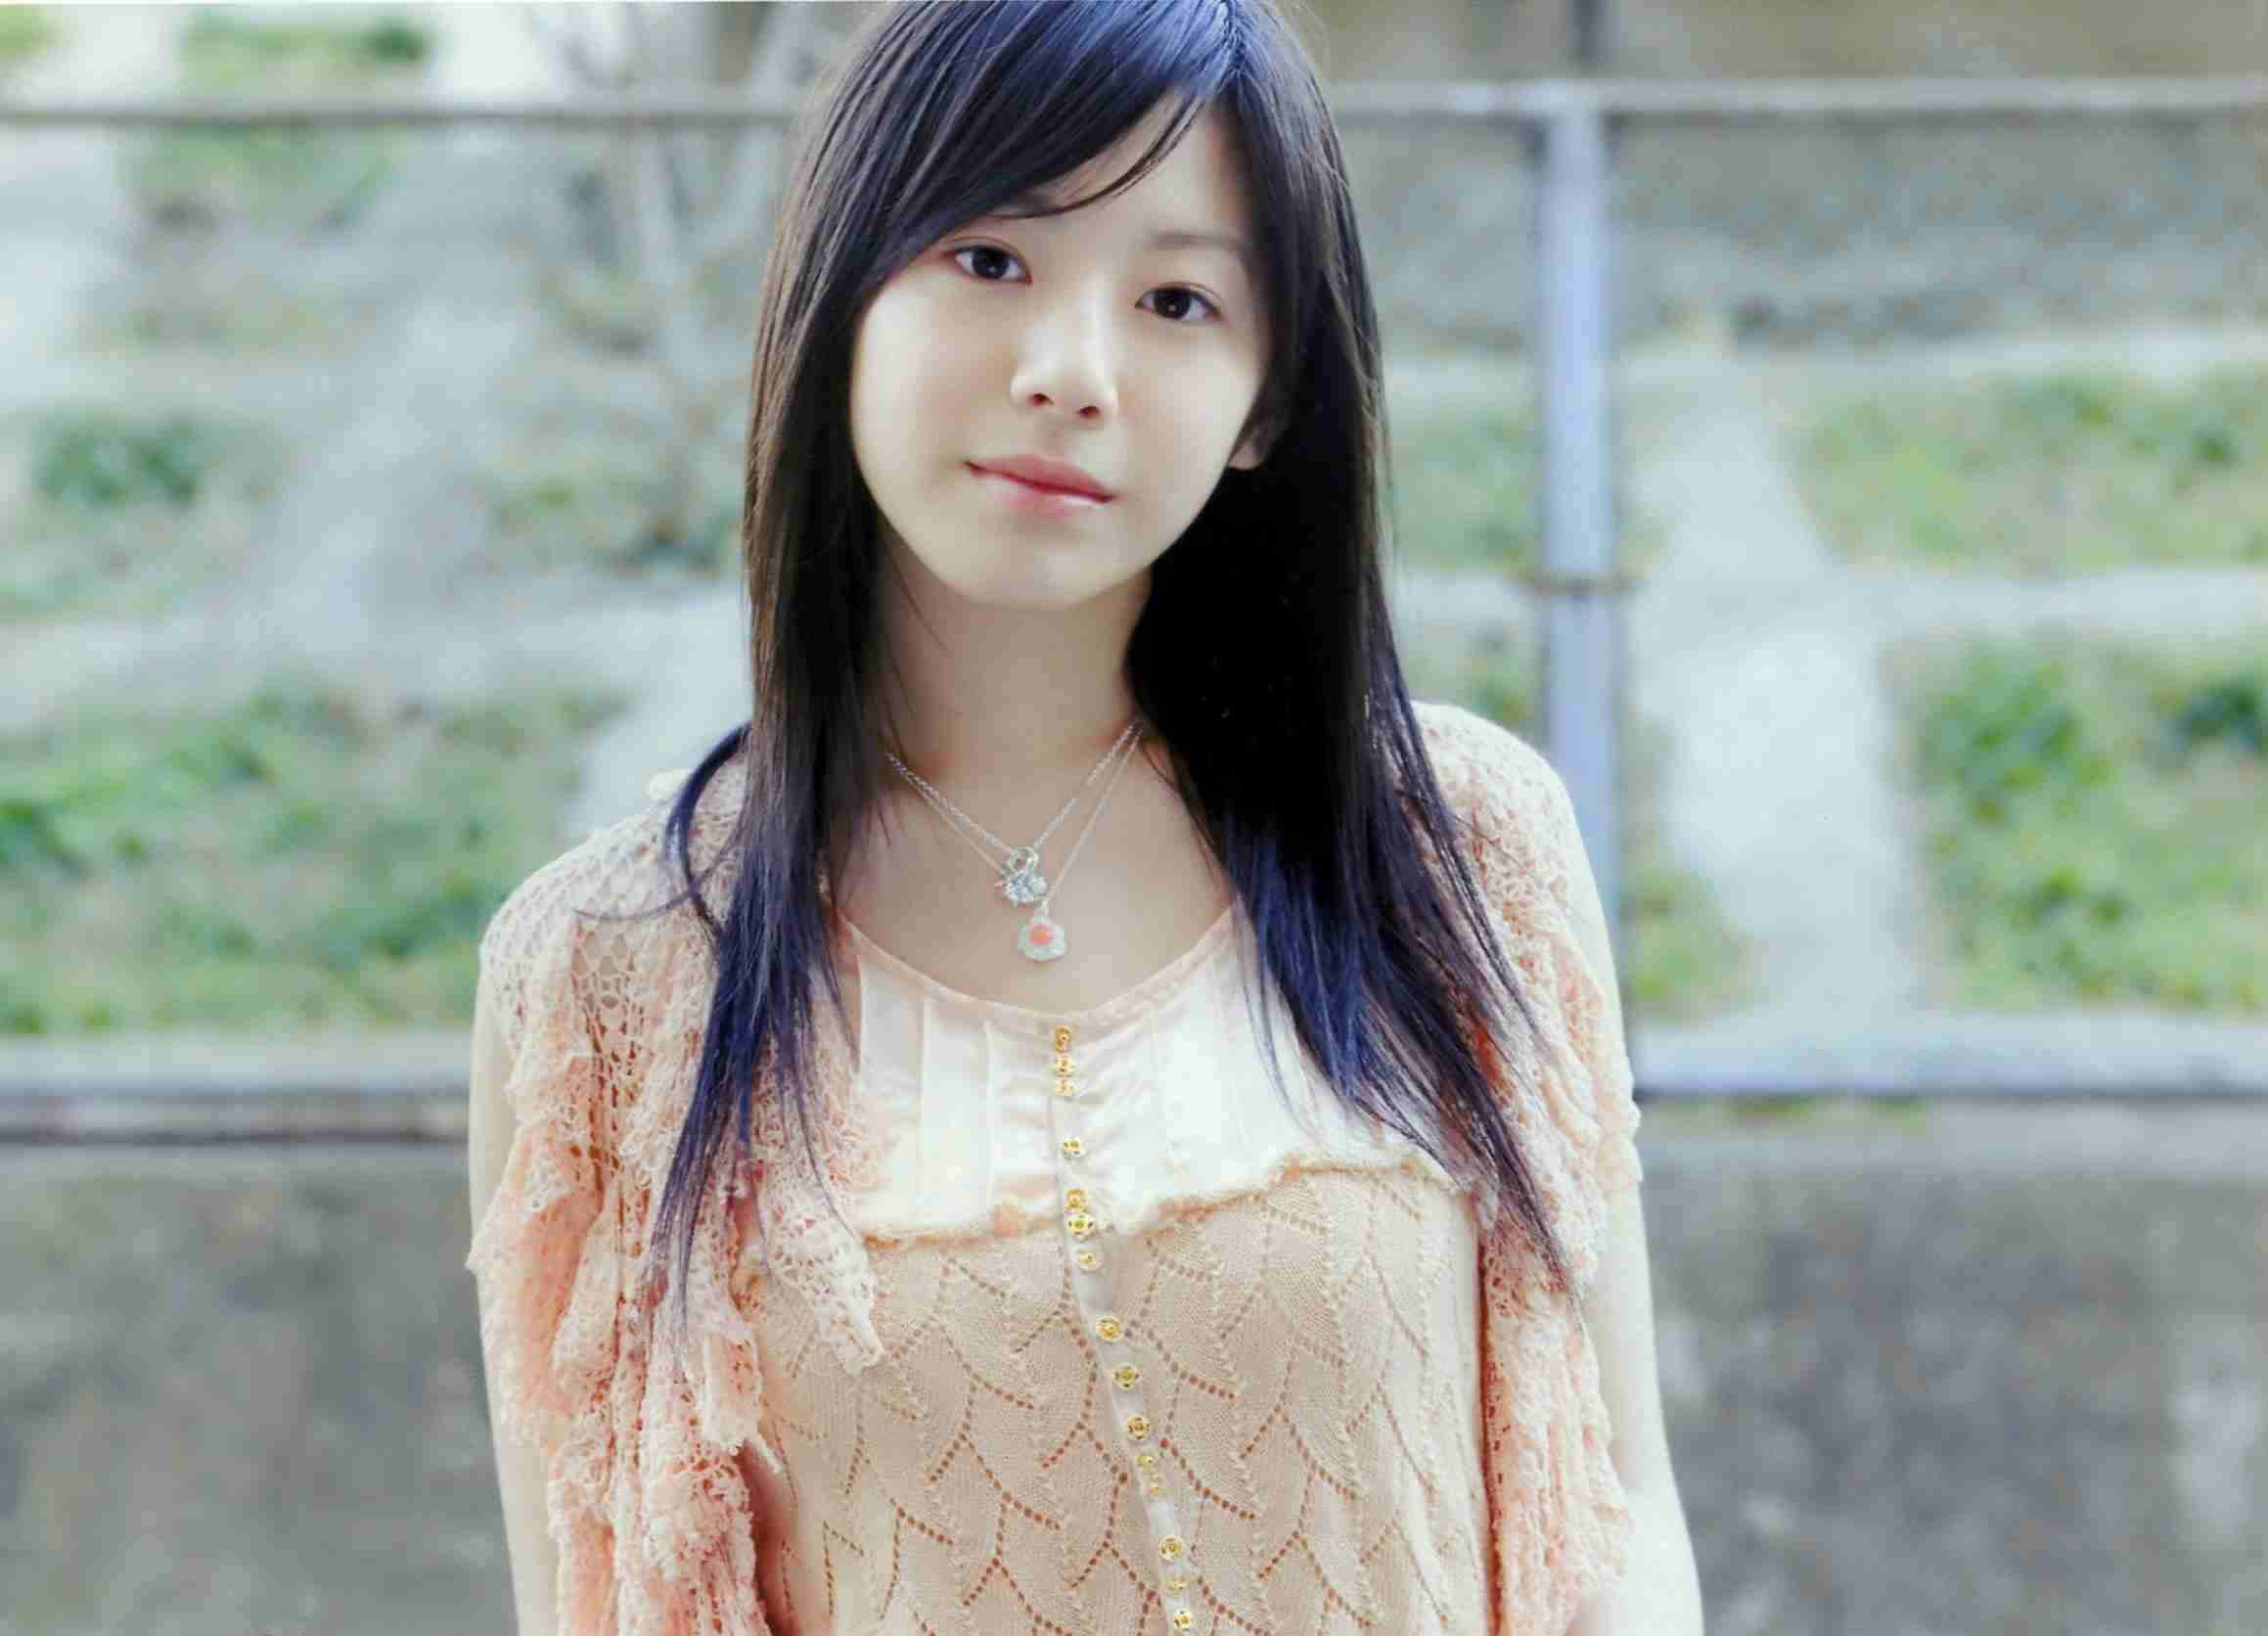 【夏帆☆他24名】美男美女揃いの1991年生まれの有名人たち!のサムネイル画像